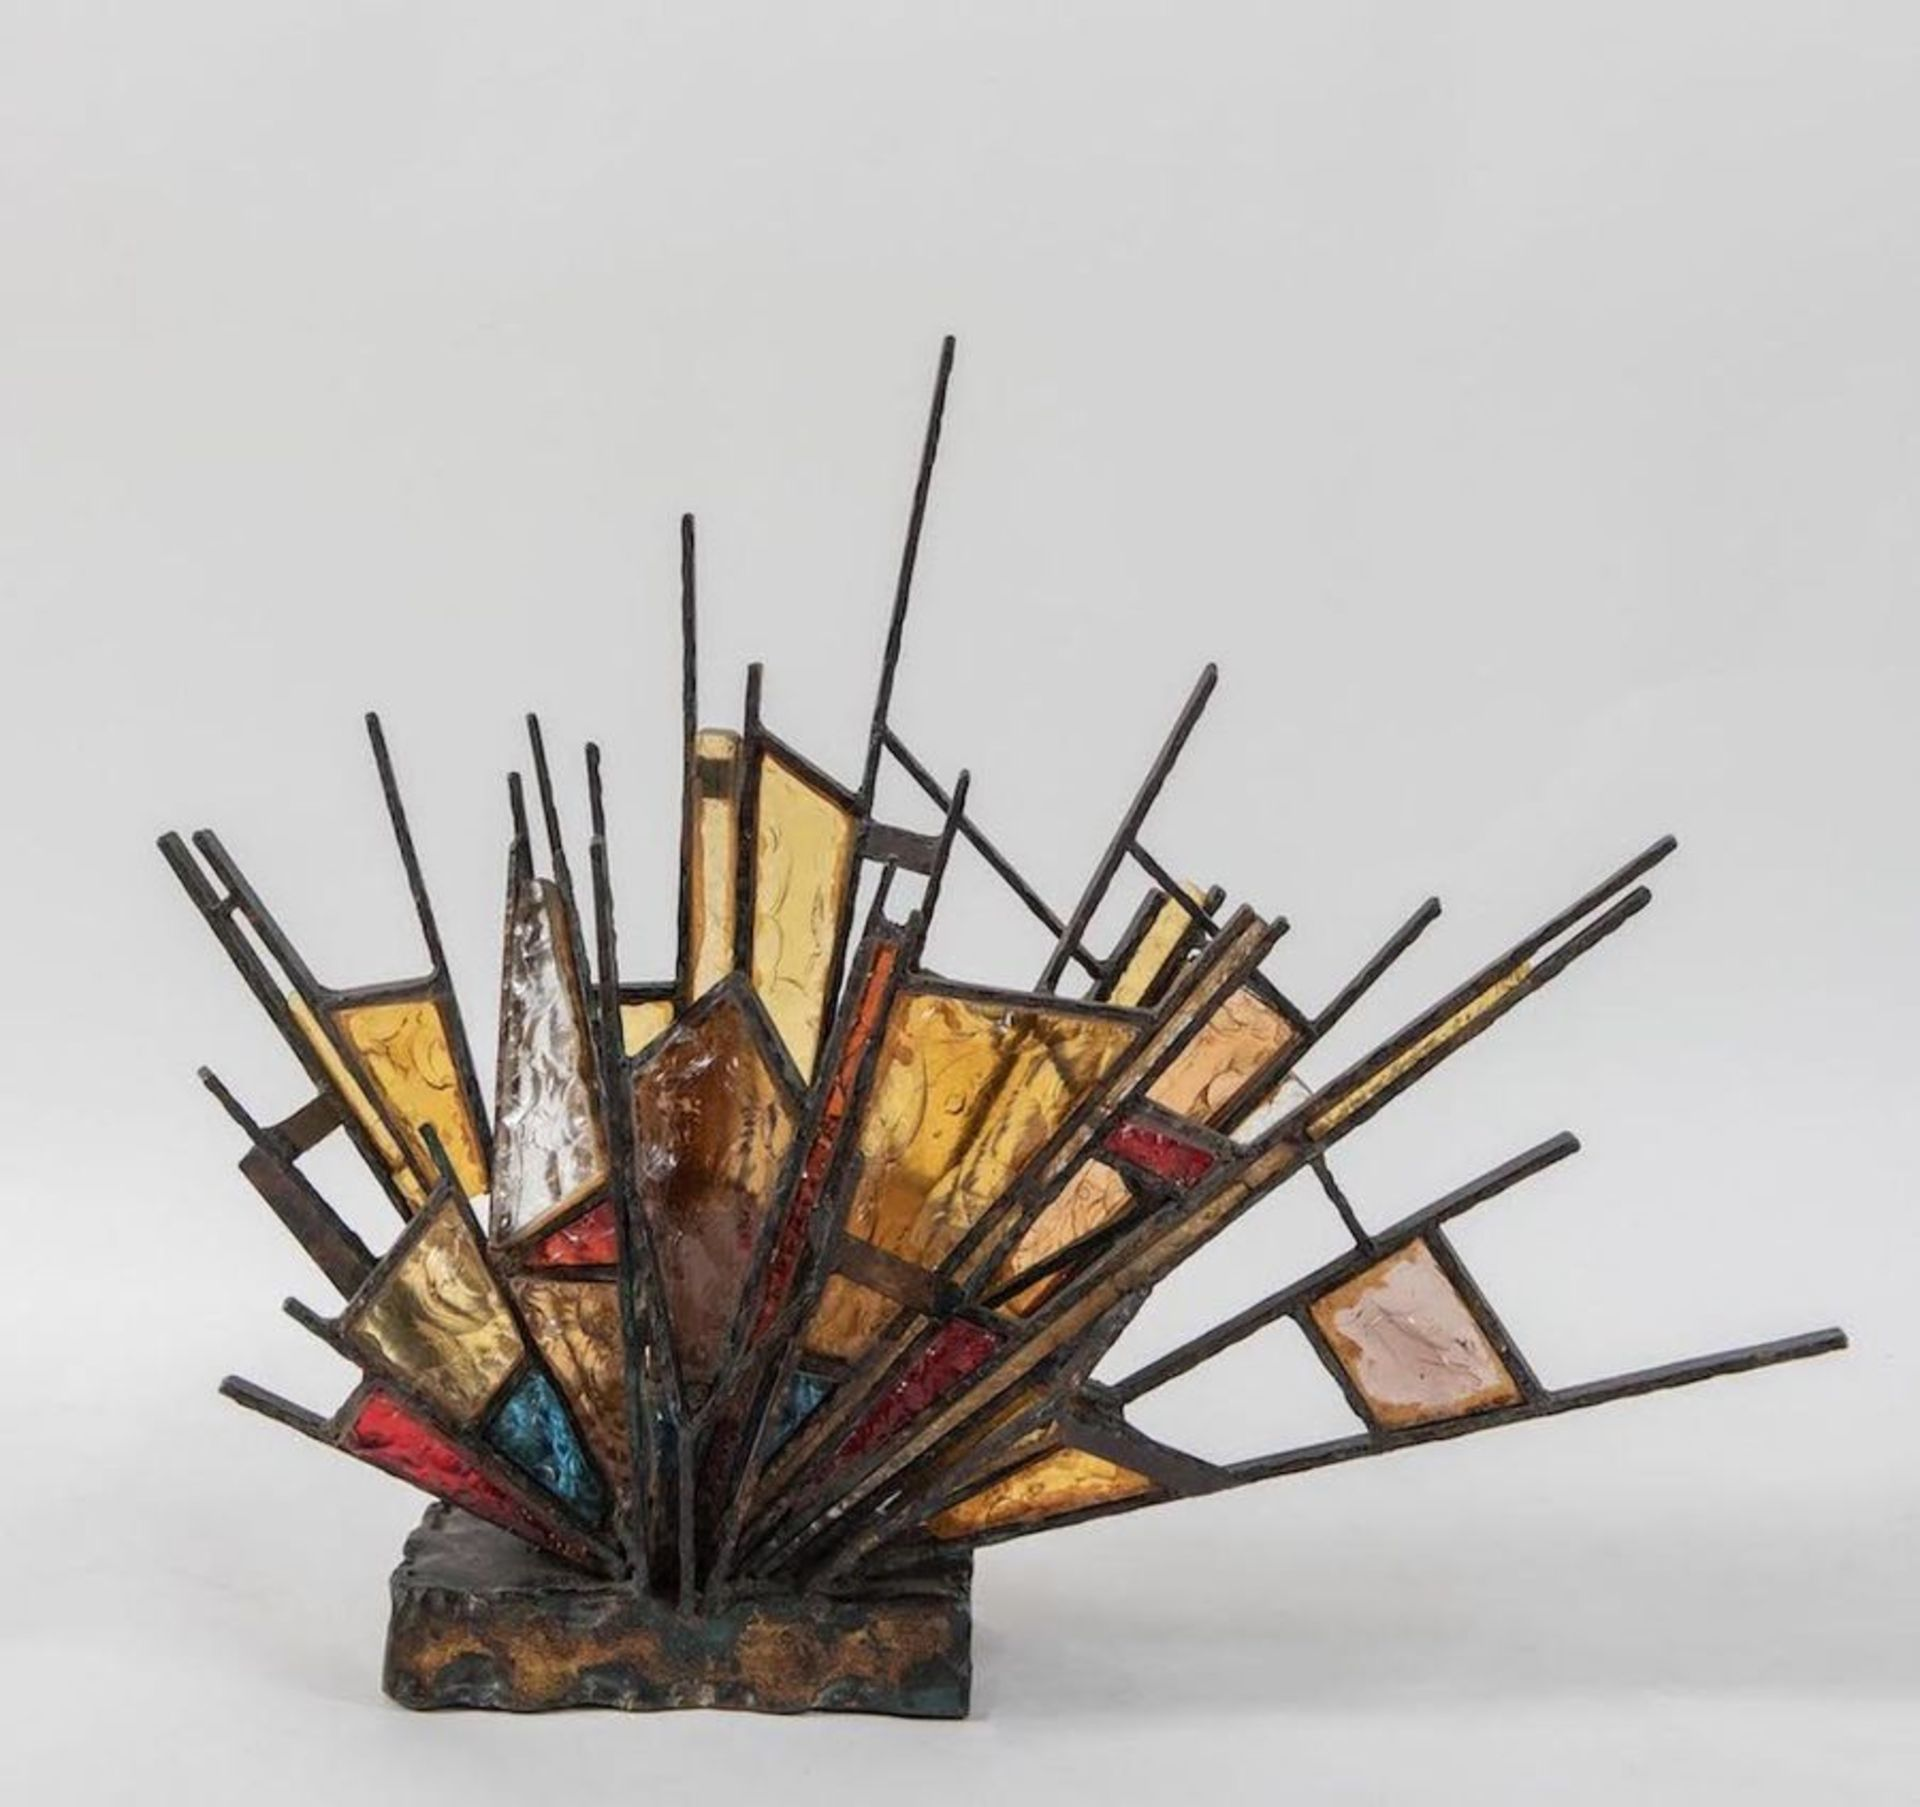 Lampada da tavolo con struttura in bronzo e inserti in vetro colorato. Prod. Italia, 1960 ca. Cm 74x - Bild 2 aus 3